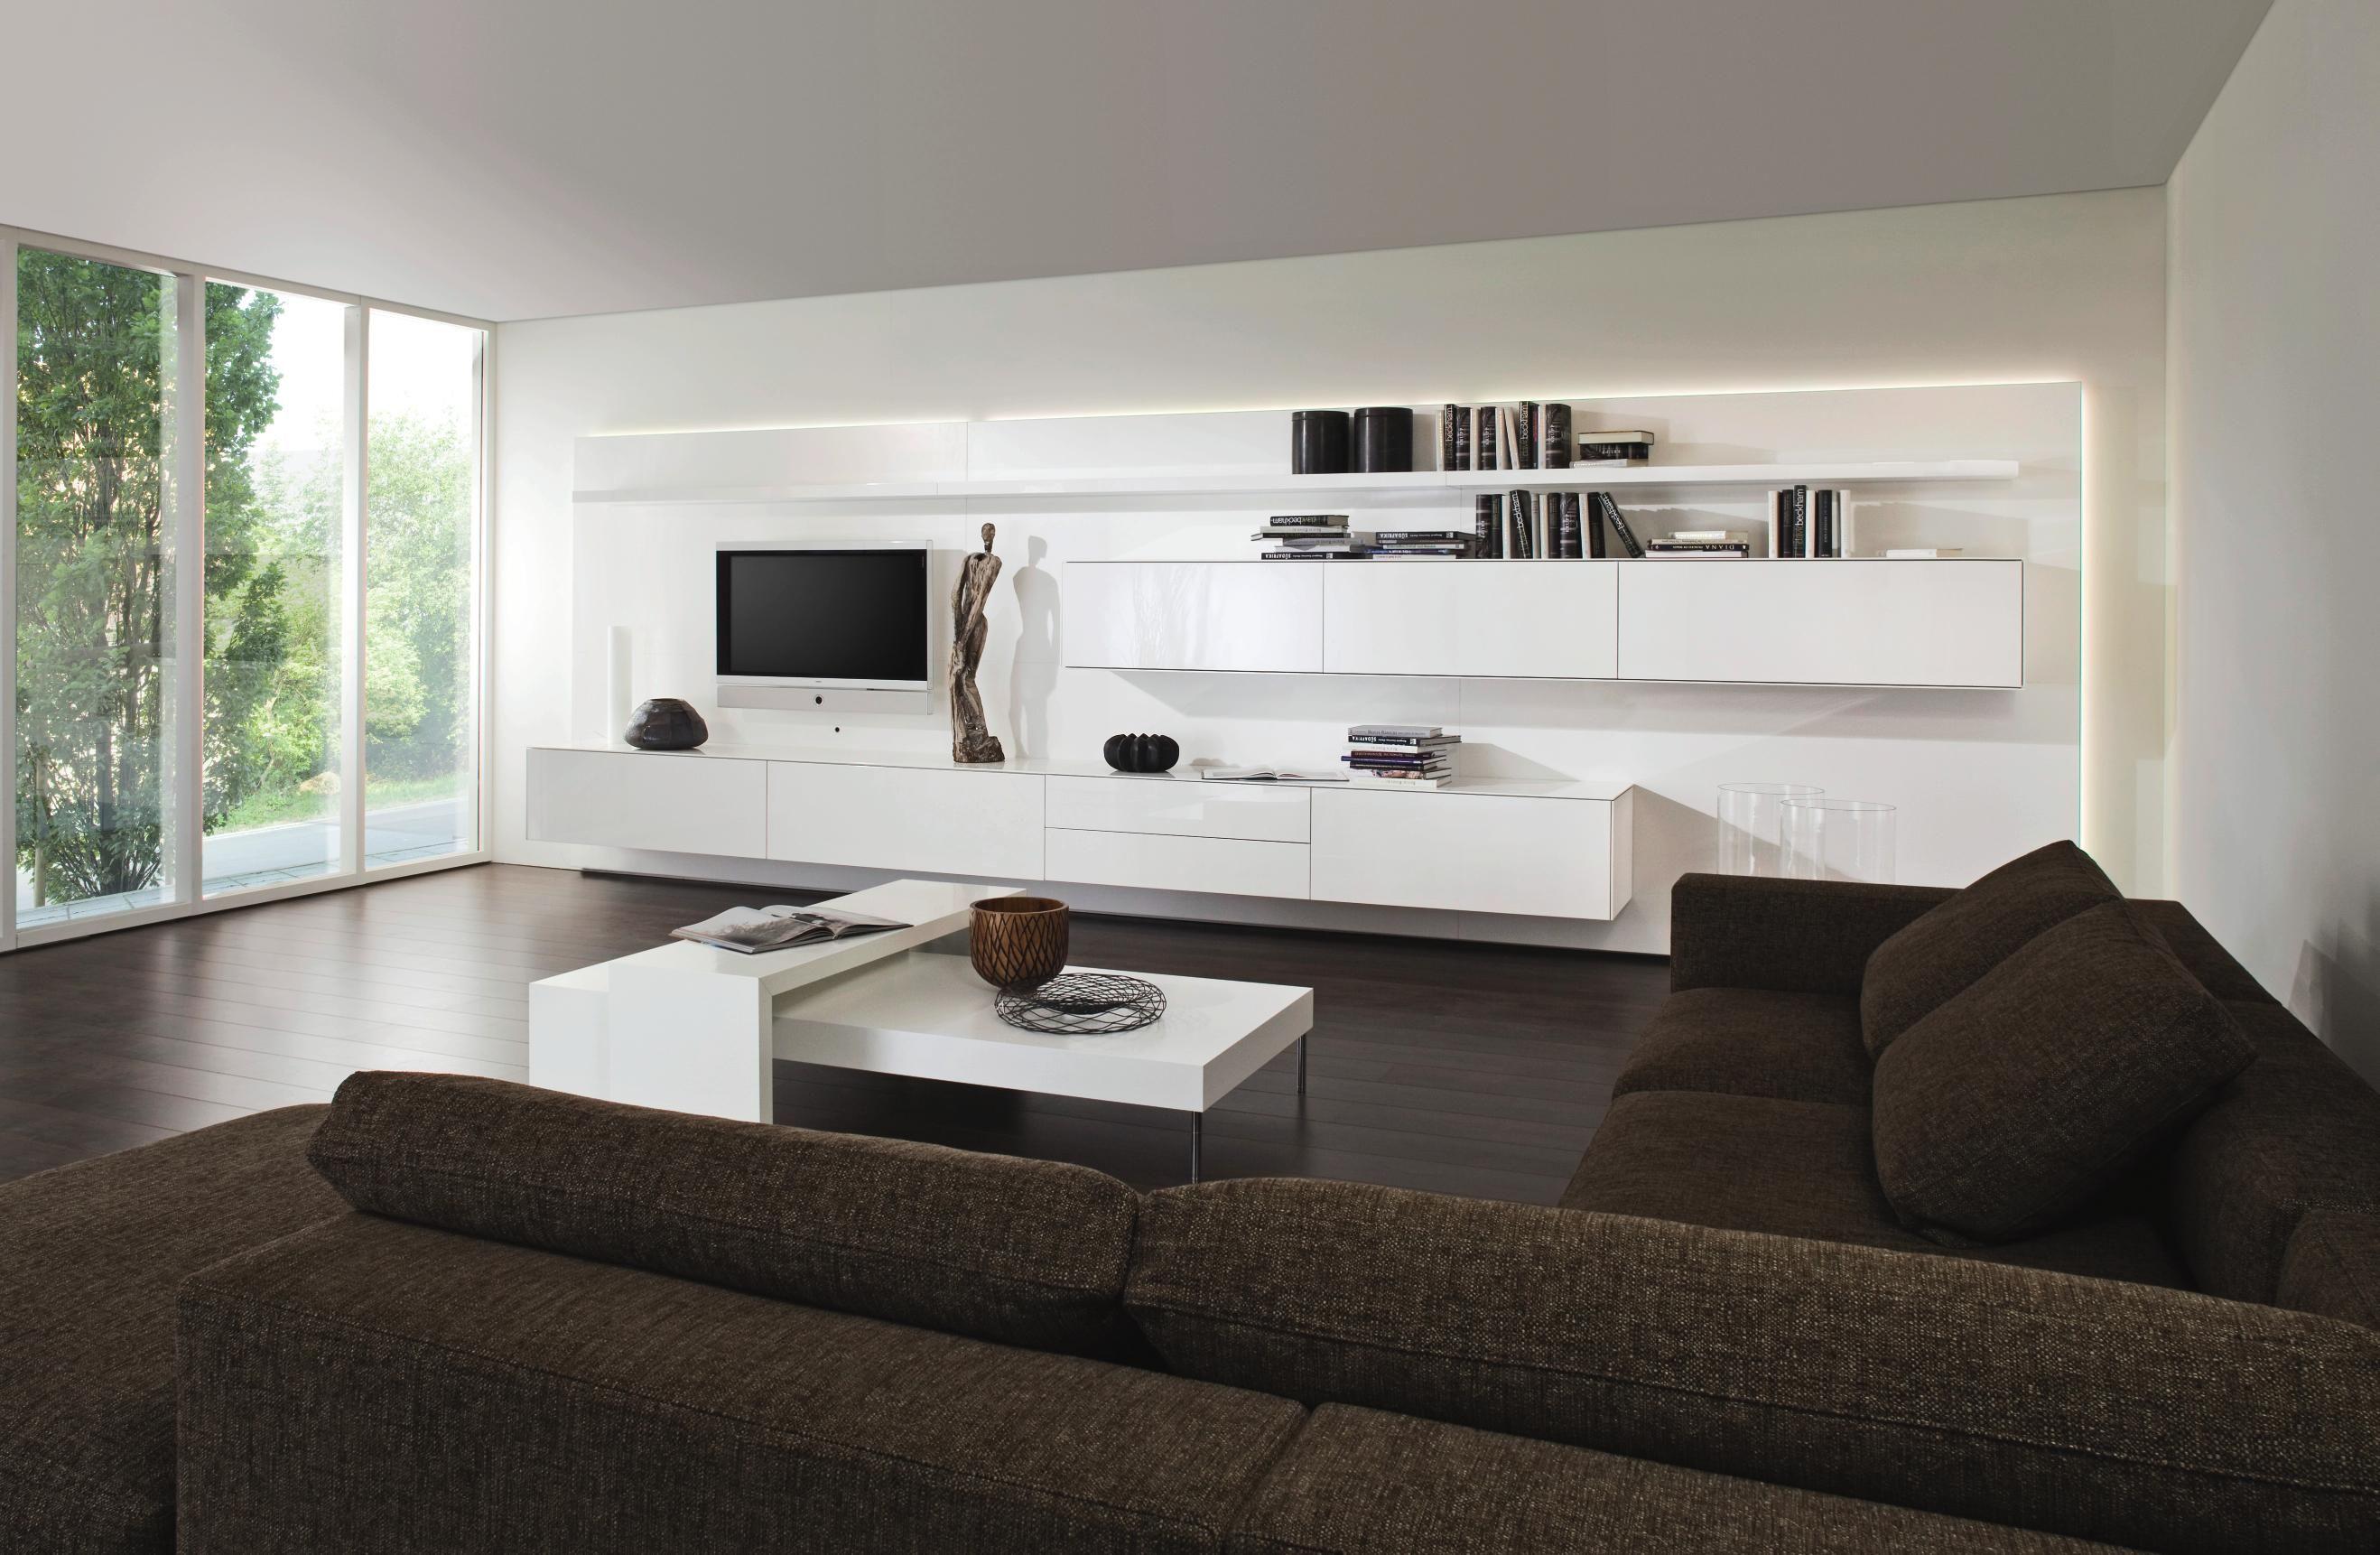 Charmant Wohnwand Von KETTNAKER: Hohe Qualität Trifft Auf Einzigartiges Design